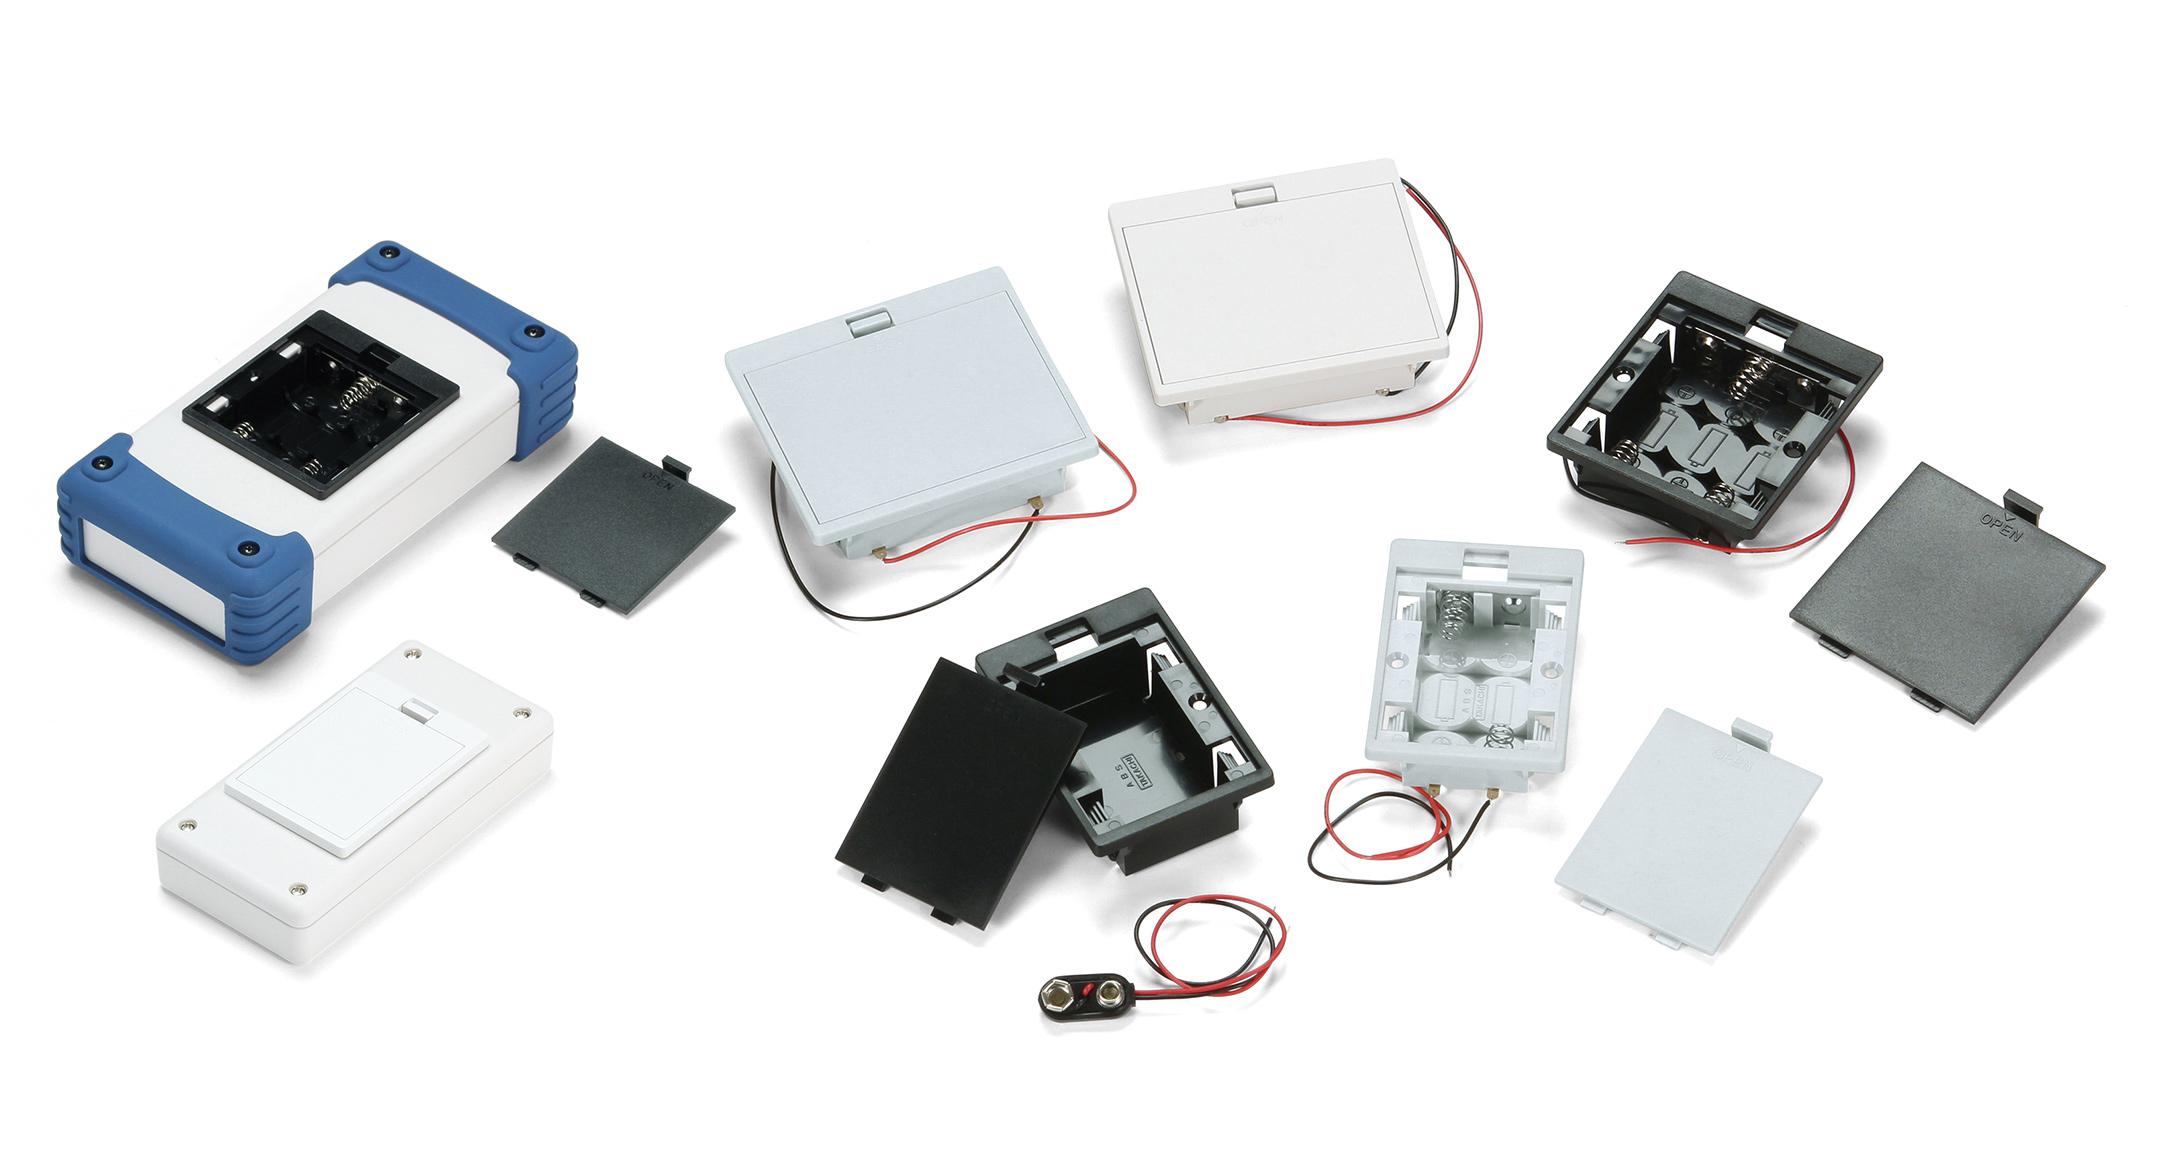 リード線付 埋込電池ボックス LDNシリーズの画像